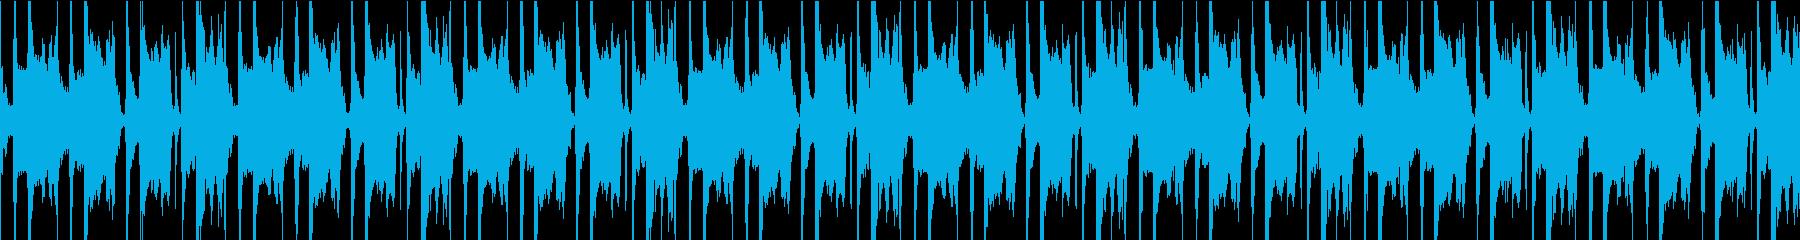 カントリーと自然をイメージした楽曲の再生済みの波形